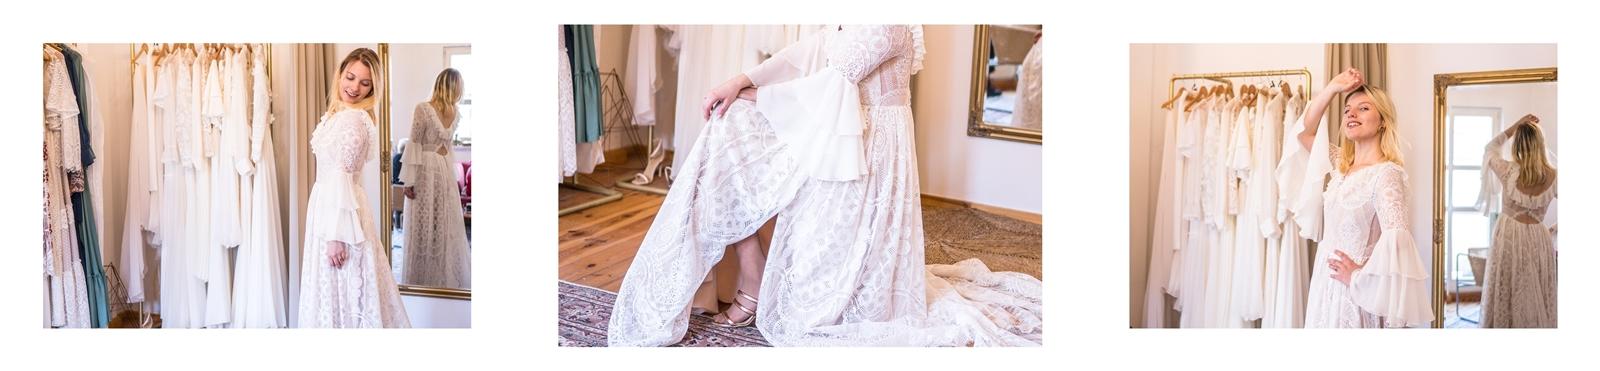 10a długa sukienka ślubna z koronki z rozcięciem z odpinanym długim trenem dołem dla wysokich dziewczyn suknia ślubna boho w stylu rustykalnym